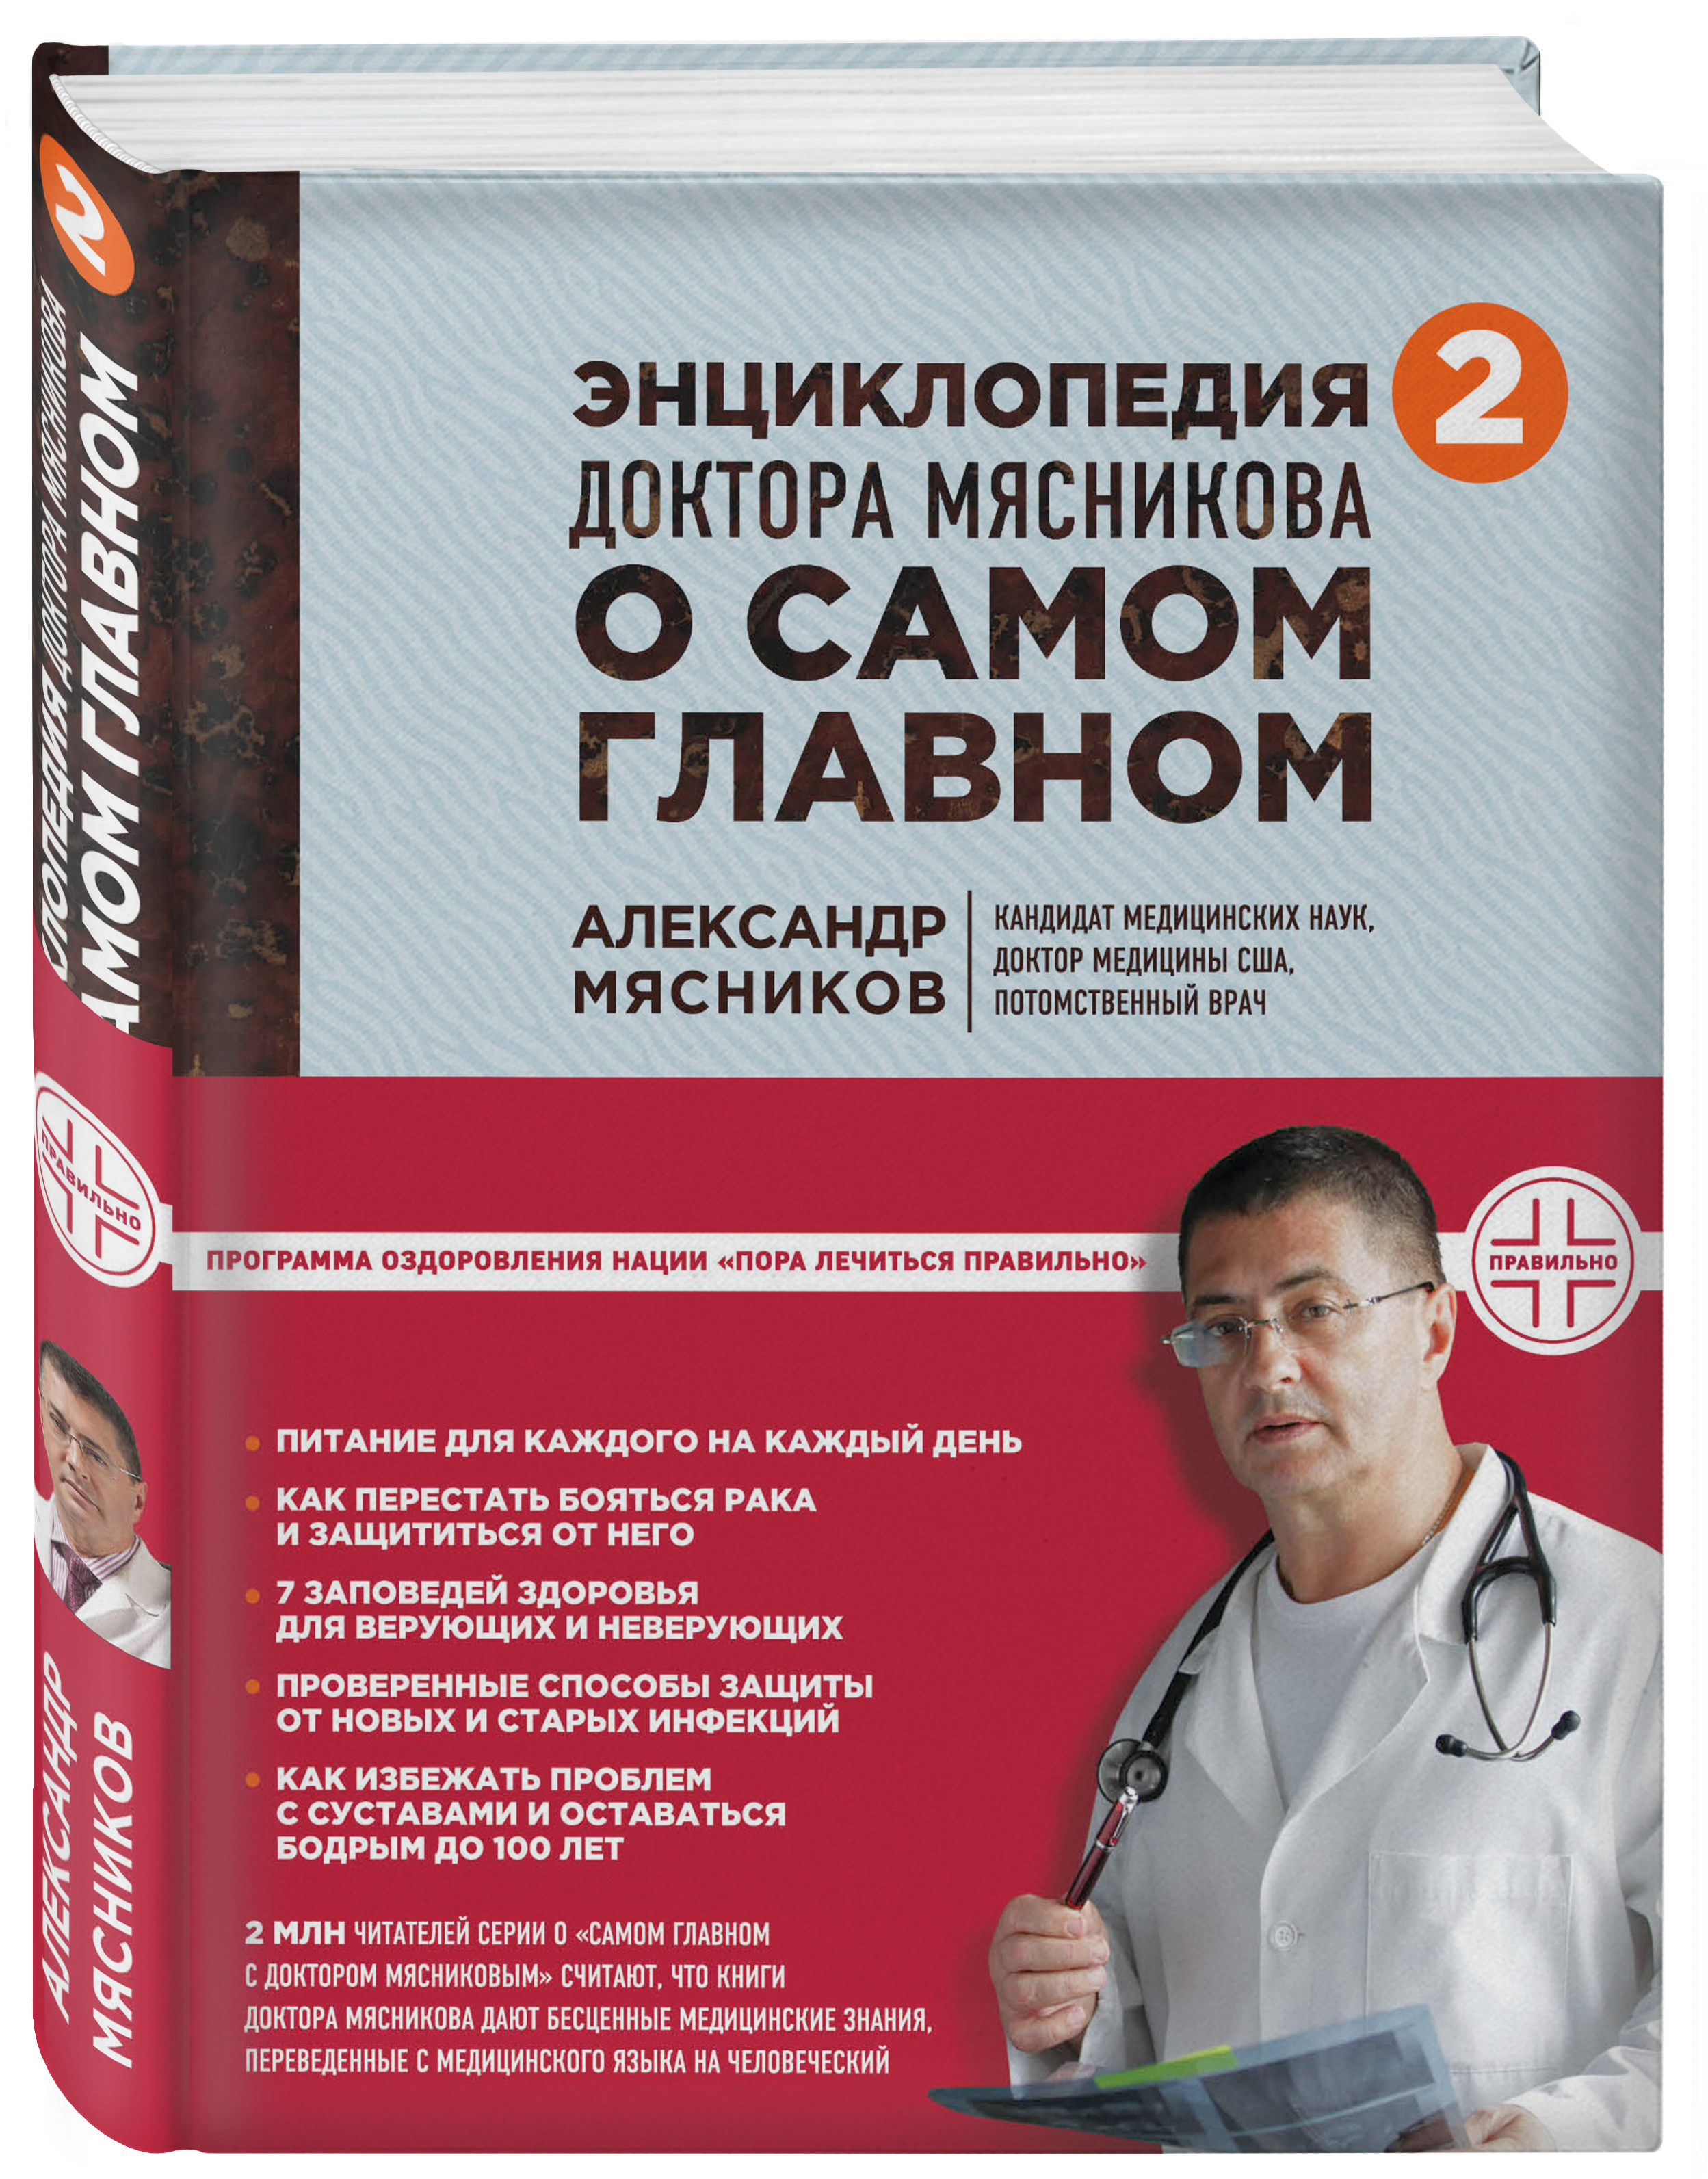 Комаровский евгений олегович (39 фото): биография доктора, телевидение, передача «школа доктора комаровского»